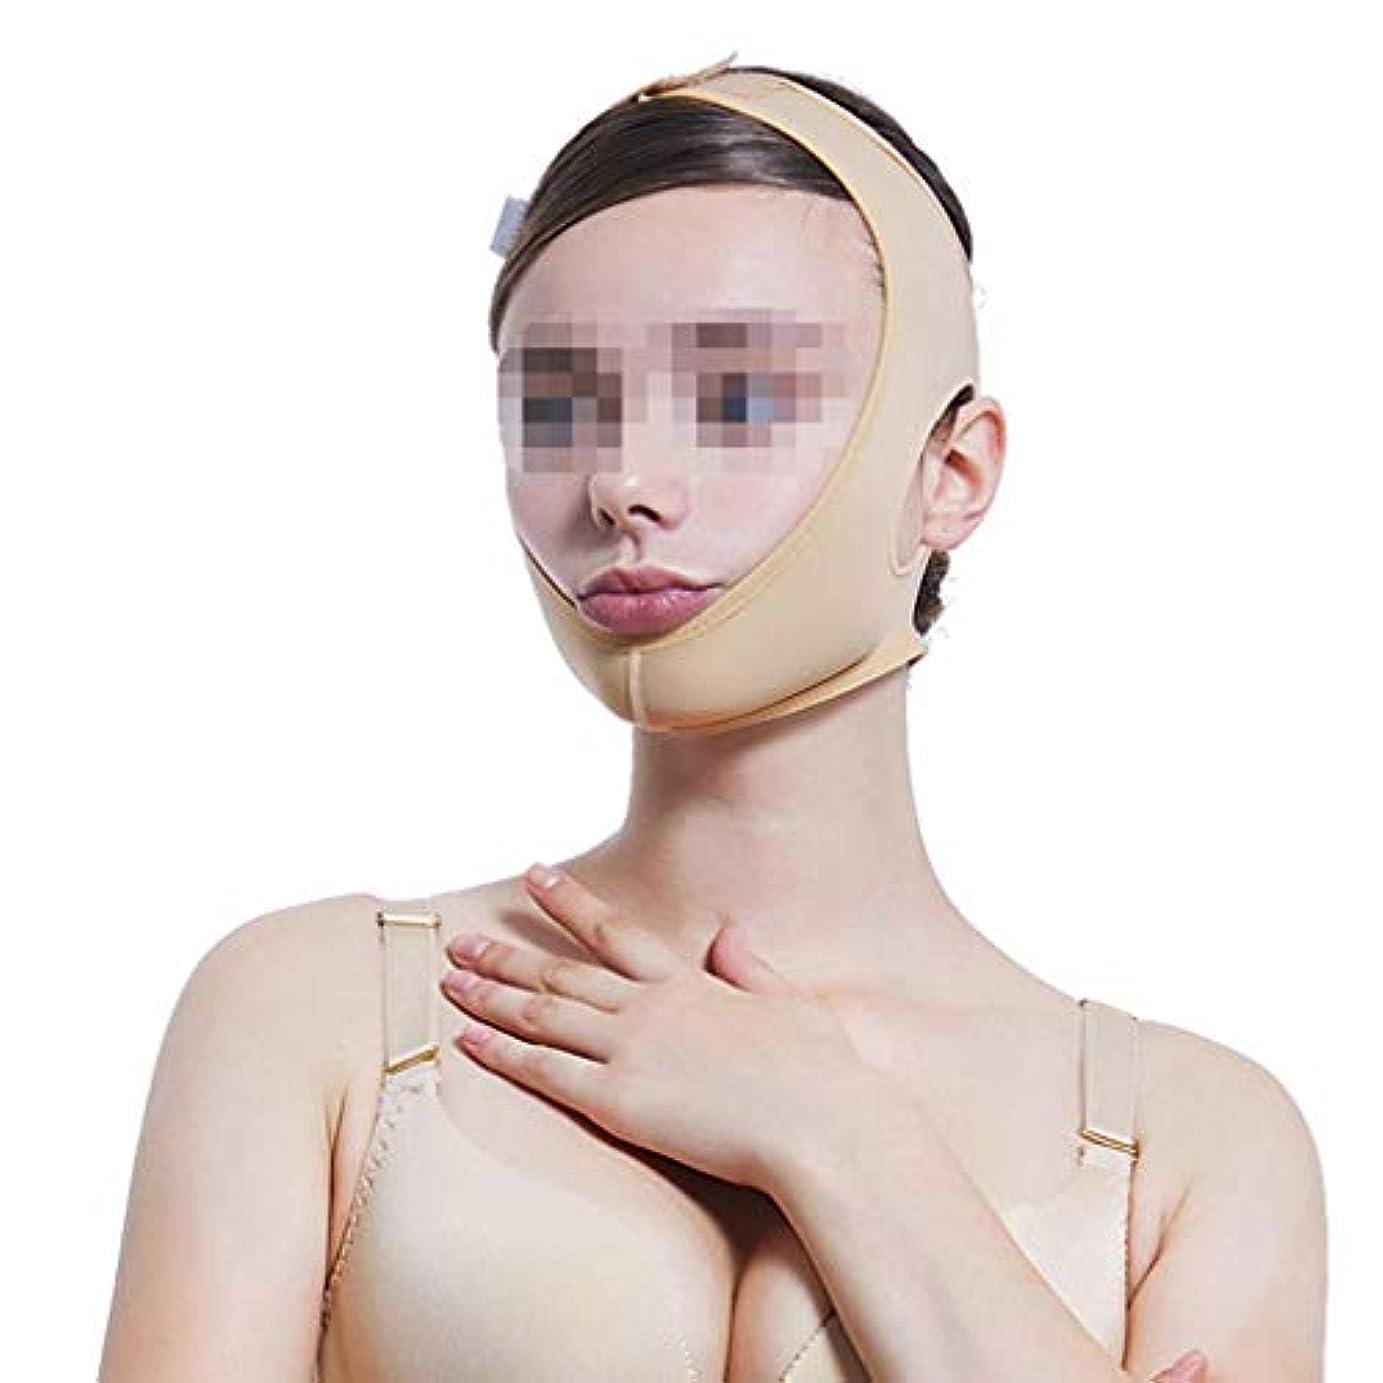 アパル小康ガジュマルビームフェイス弾性ヘッドギア、ダブルあごのあごのセットをマスクの後に線彫り薄いフェイス包帯マルチサイズオプション(サイズ:XS),XL